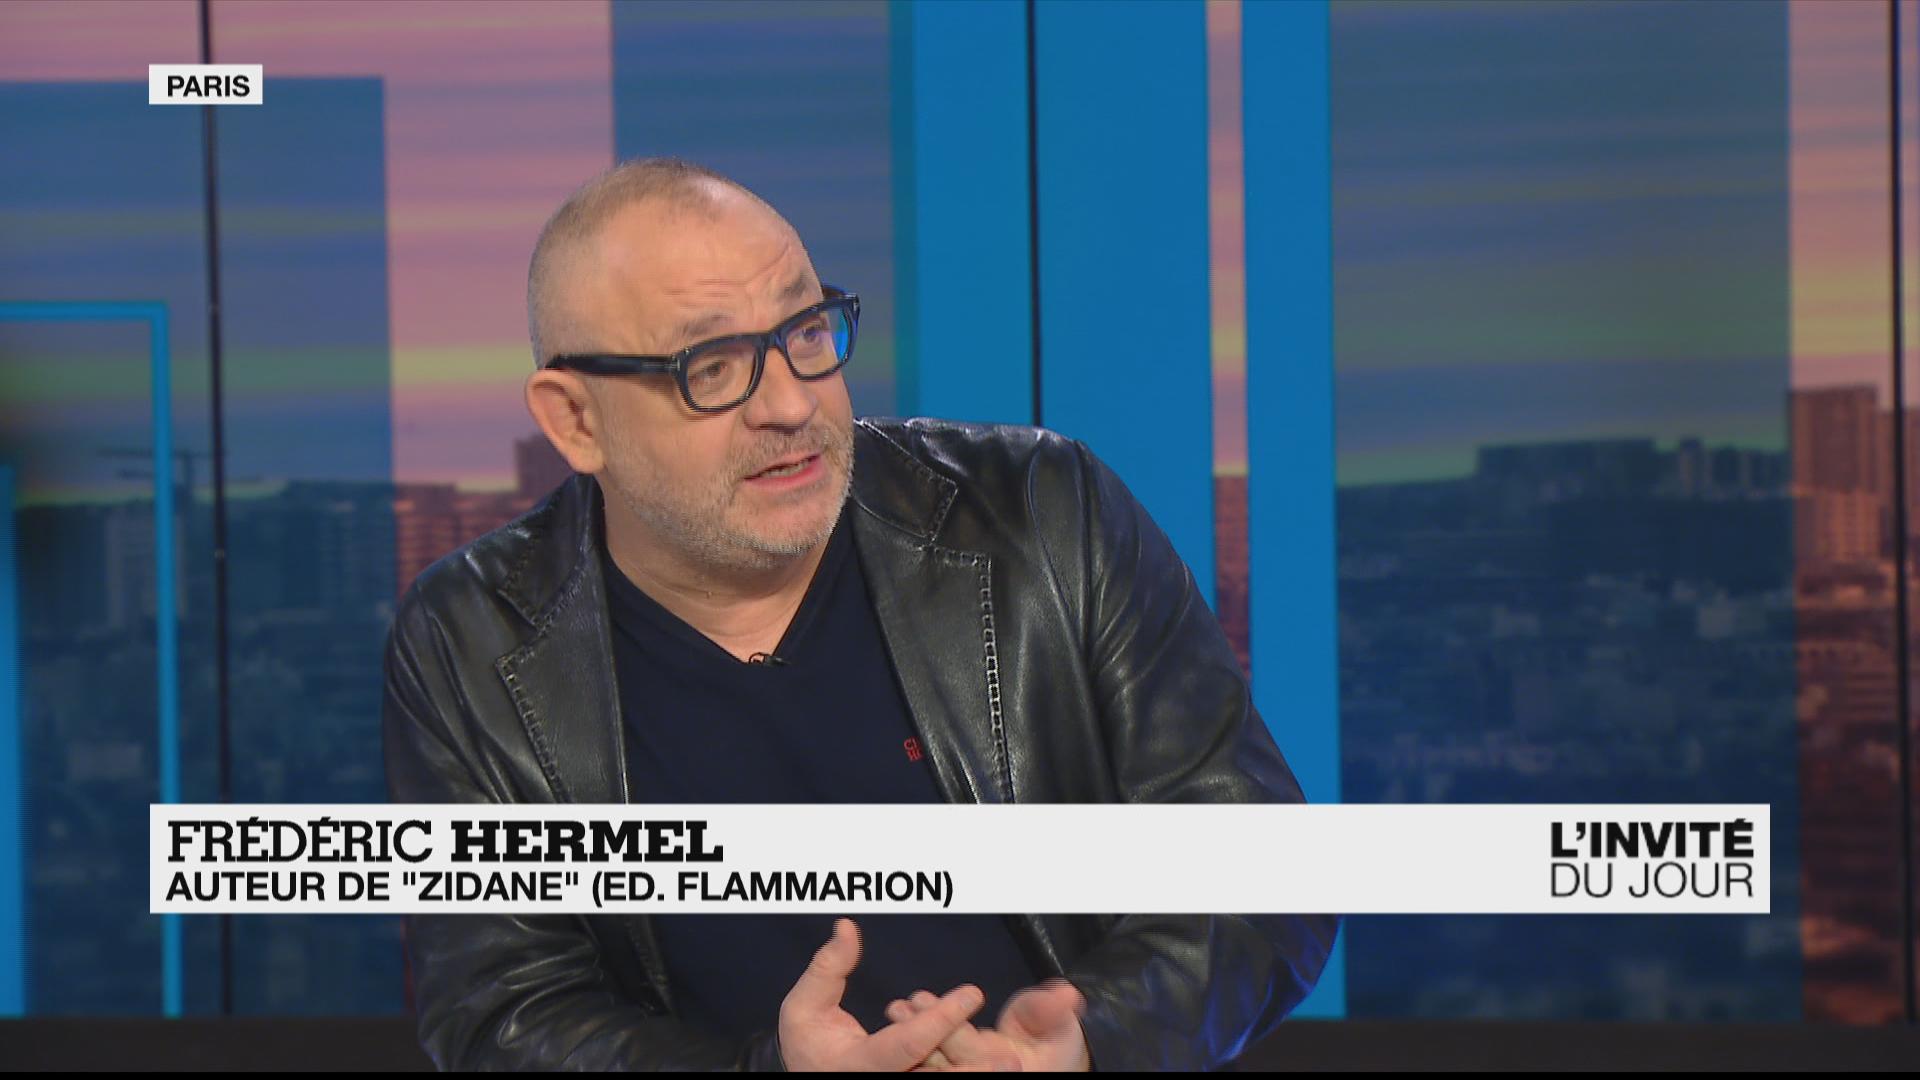 HERMEL FR